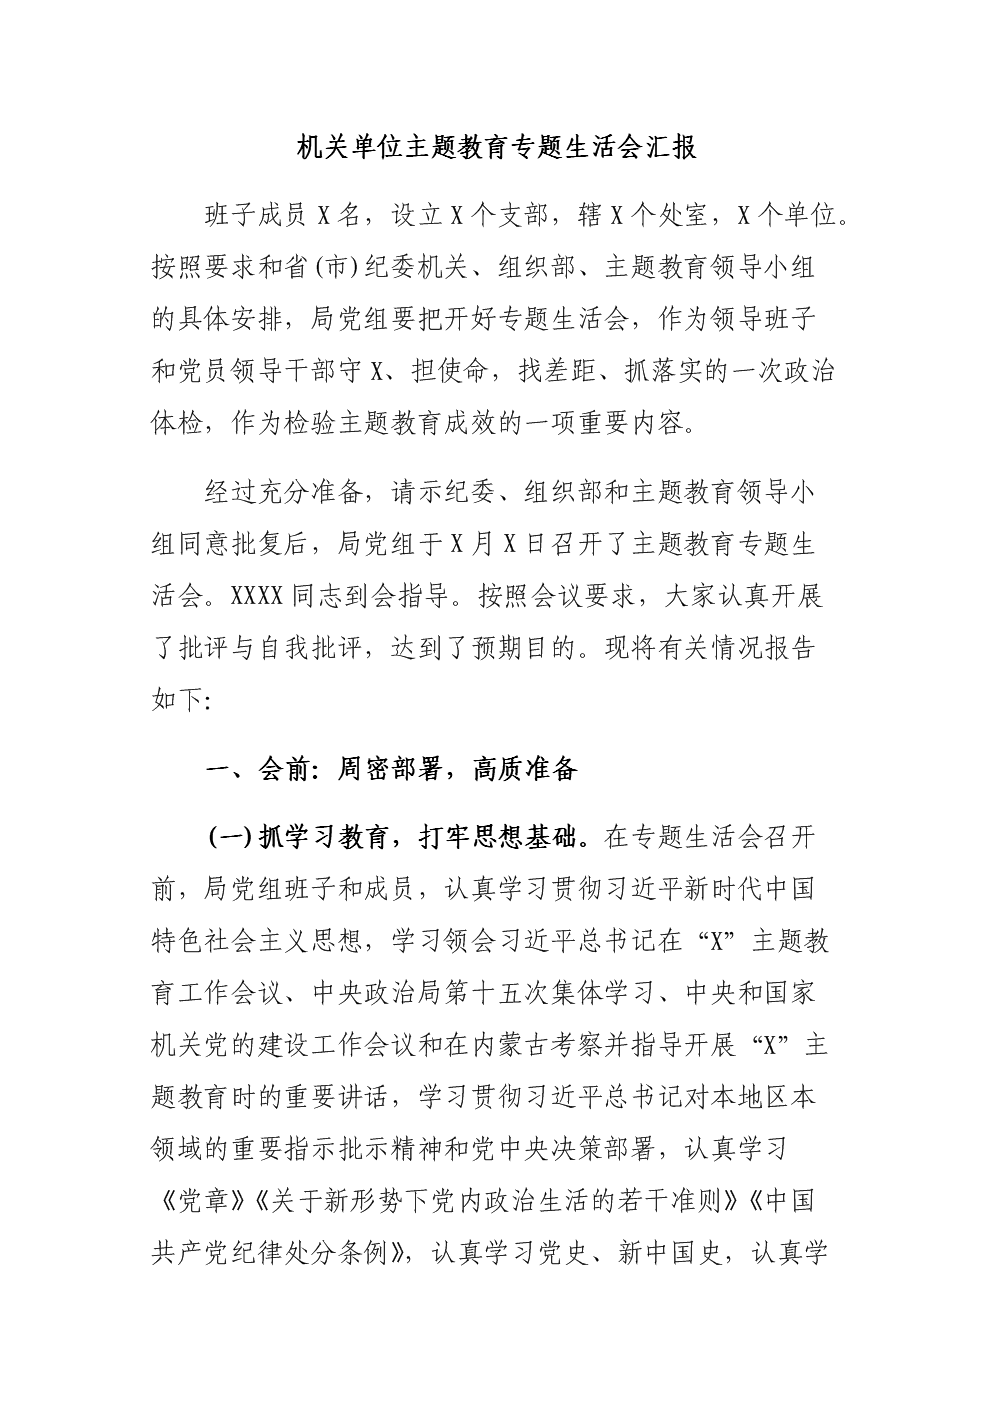 机关单位主题教育专题生活会汇报.docx